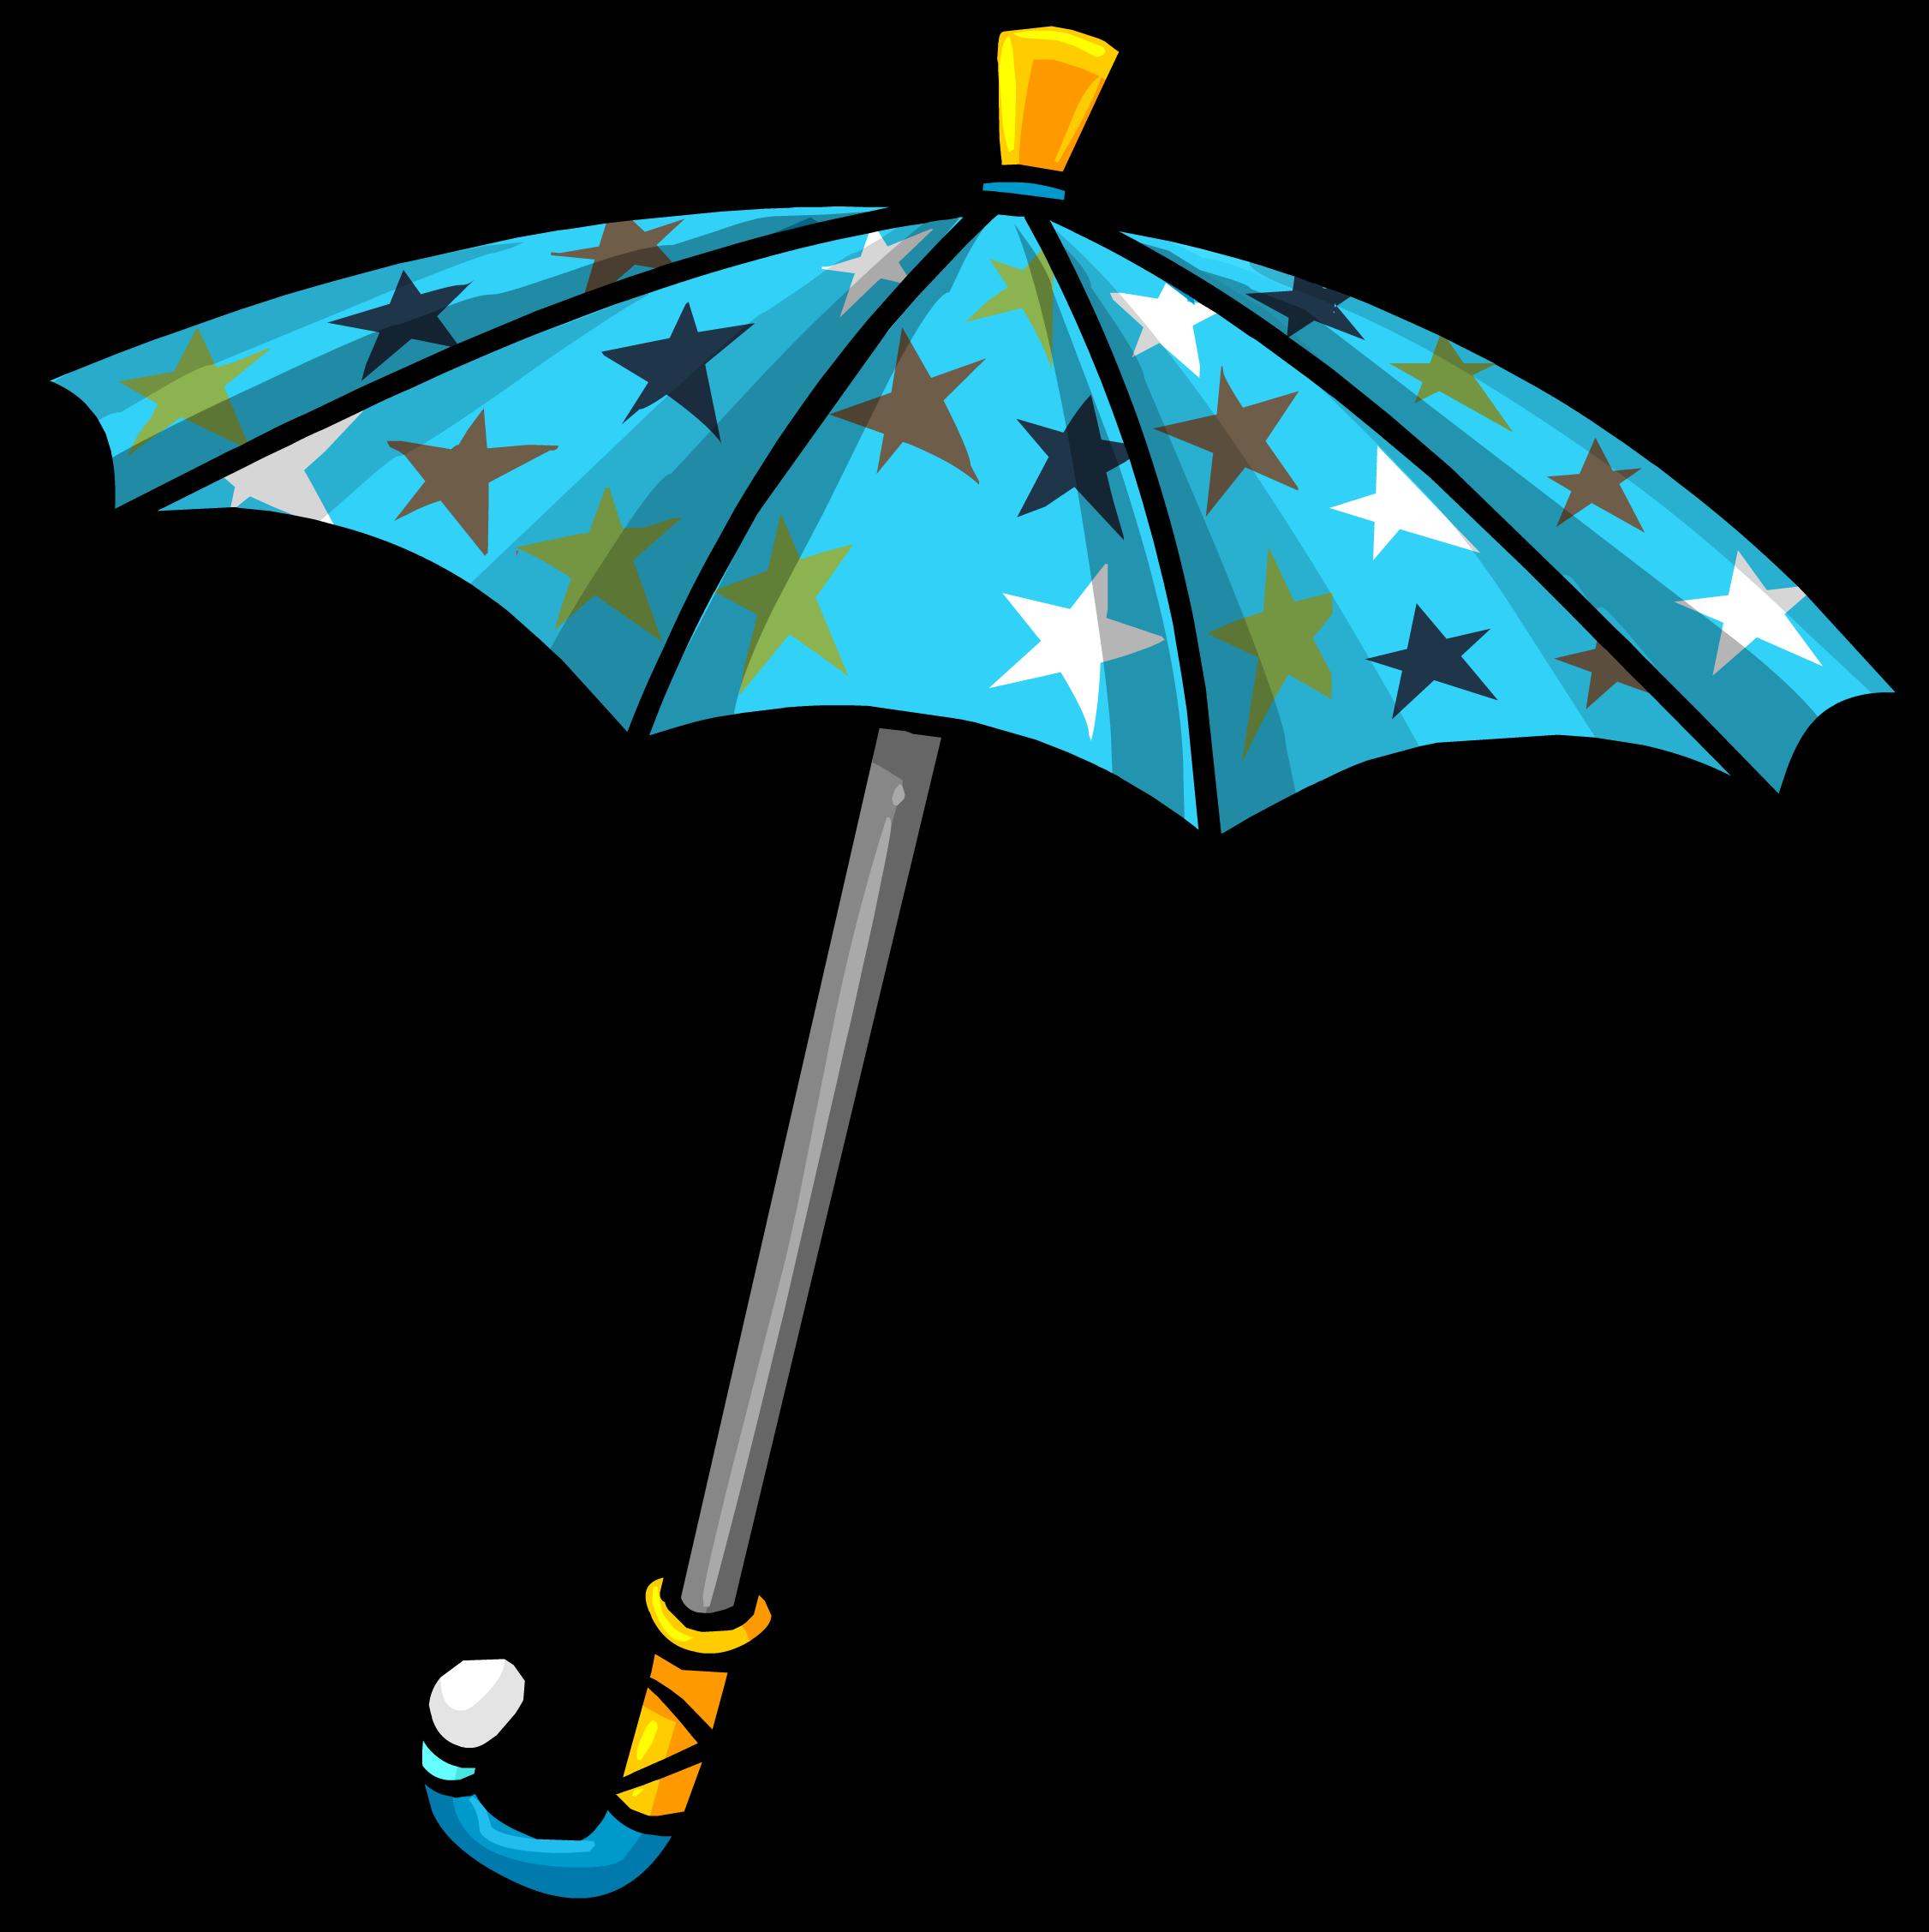 Image cosmic png club. Clipart umbrella teal